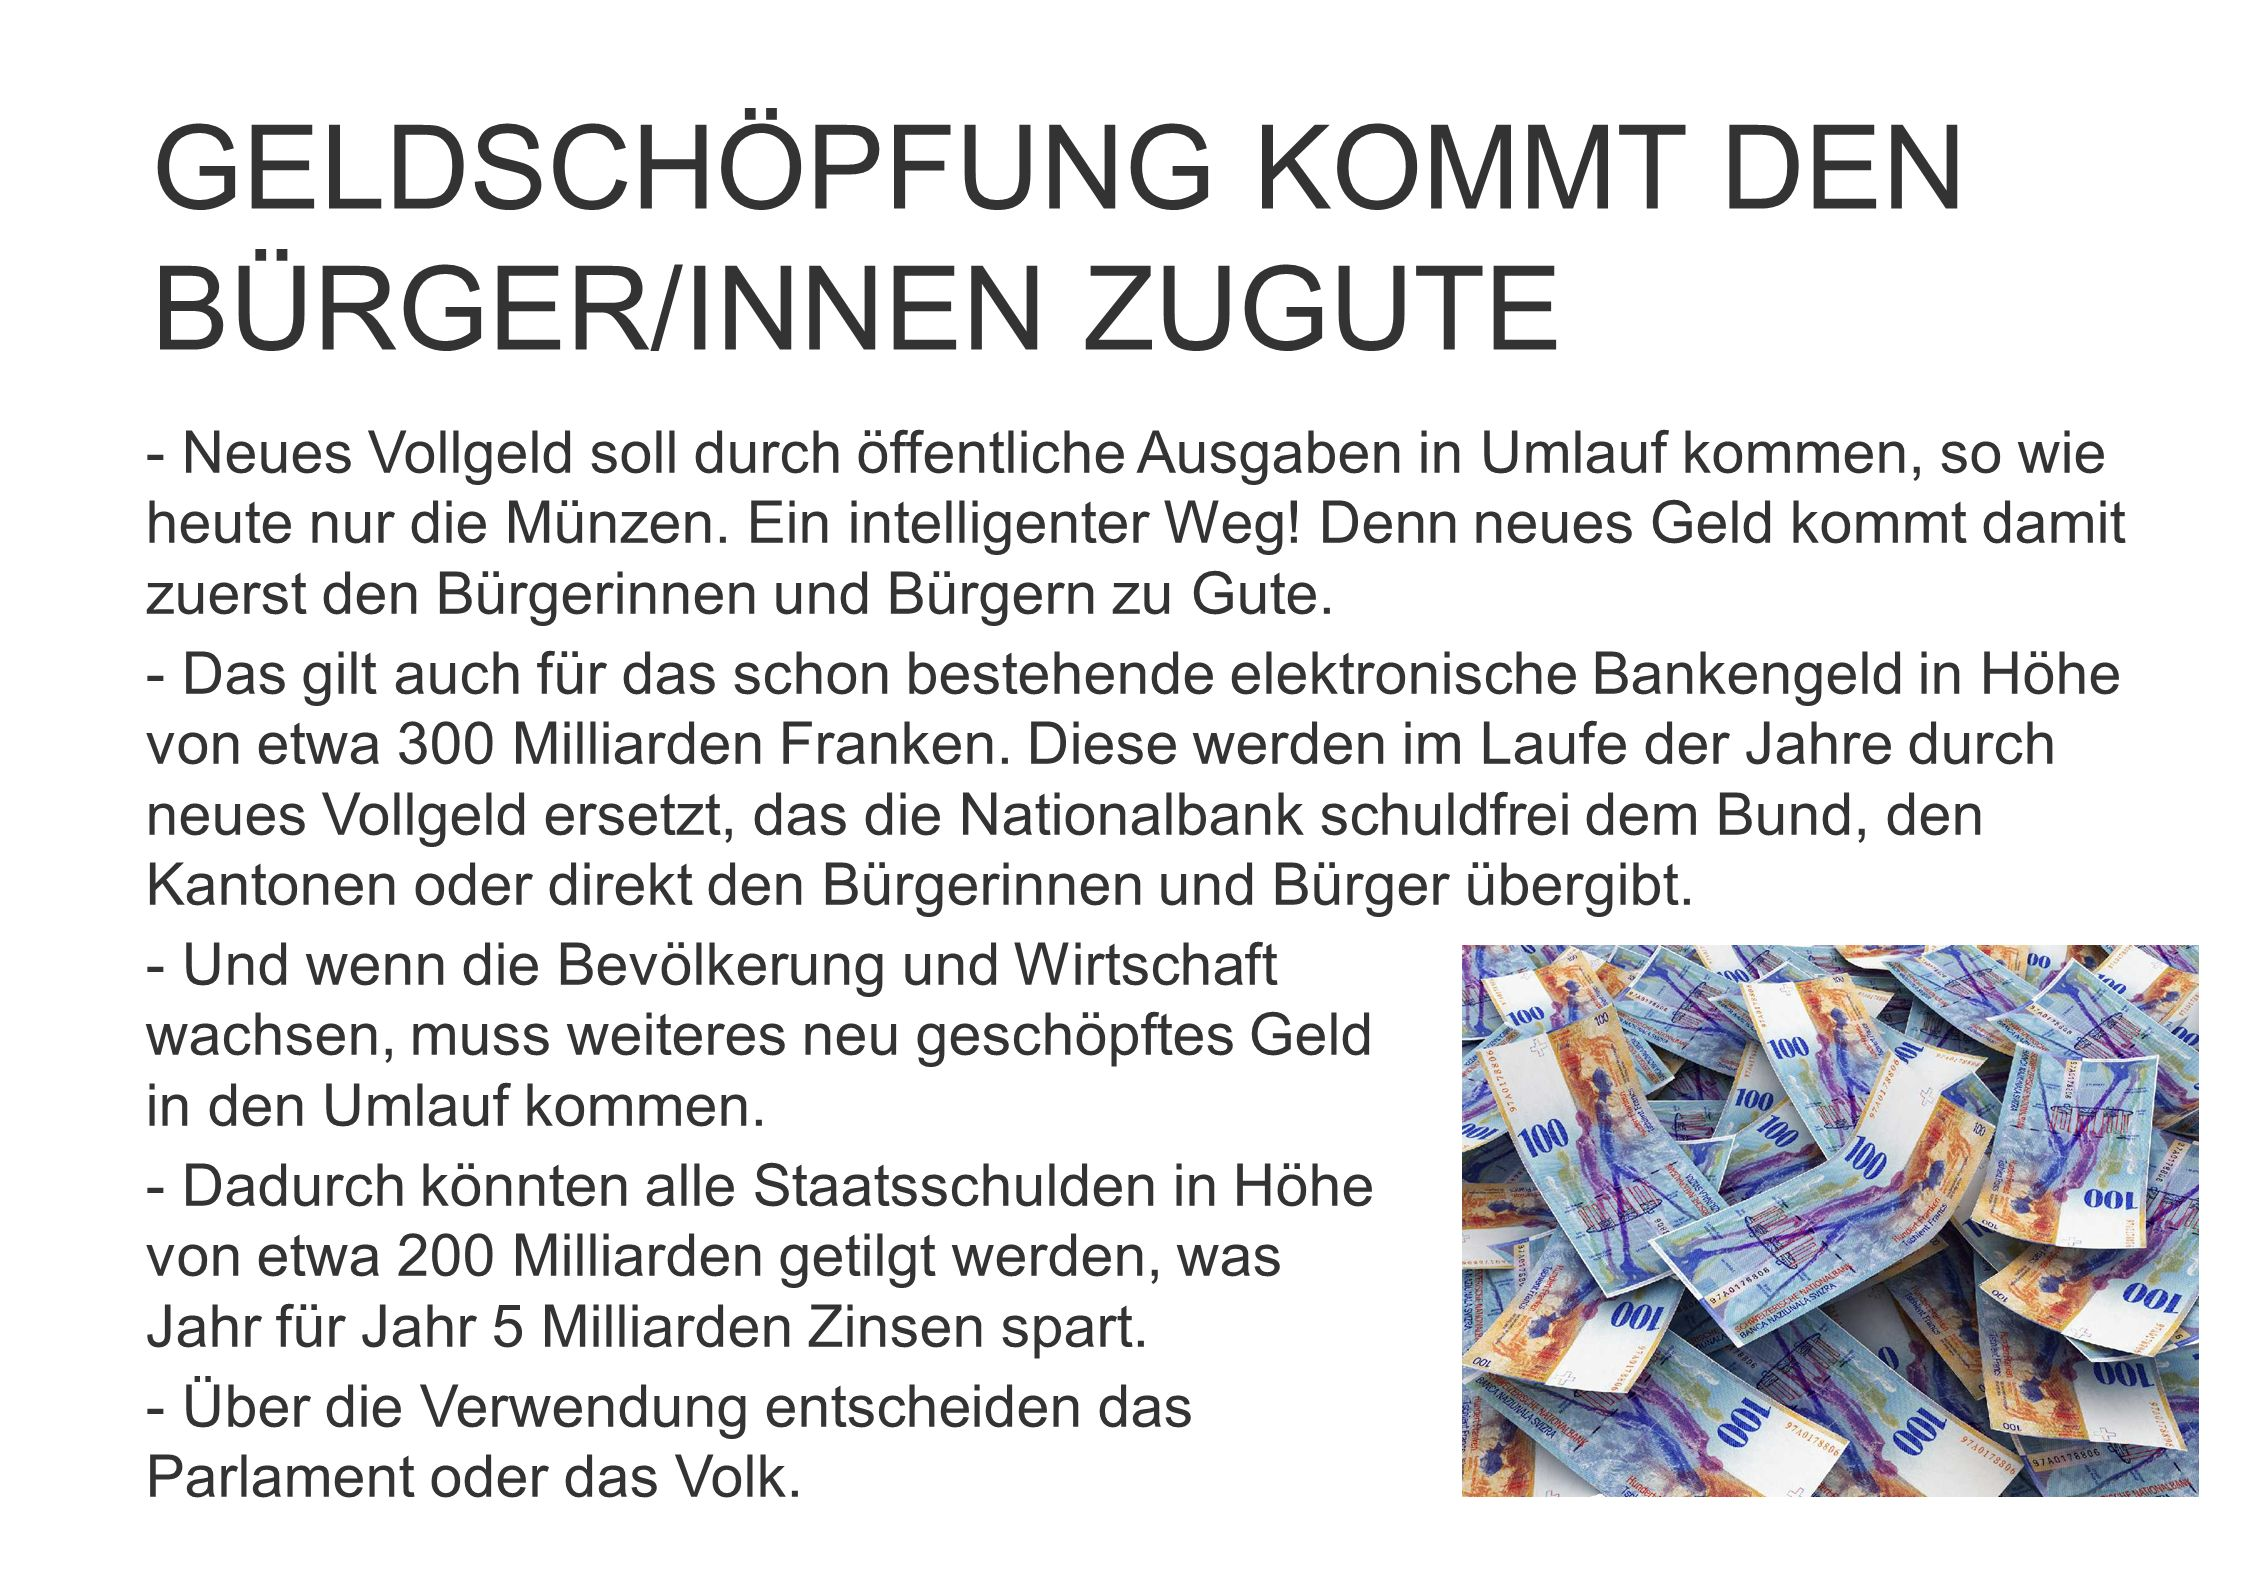 GELDSCHÖPFUNG KOMMT DEN BÜRGER/INNEN ZUGUTE